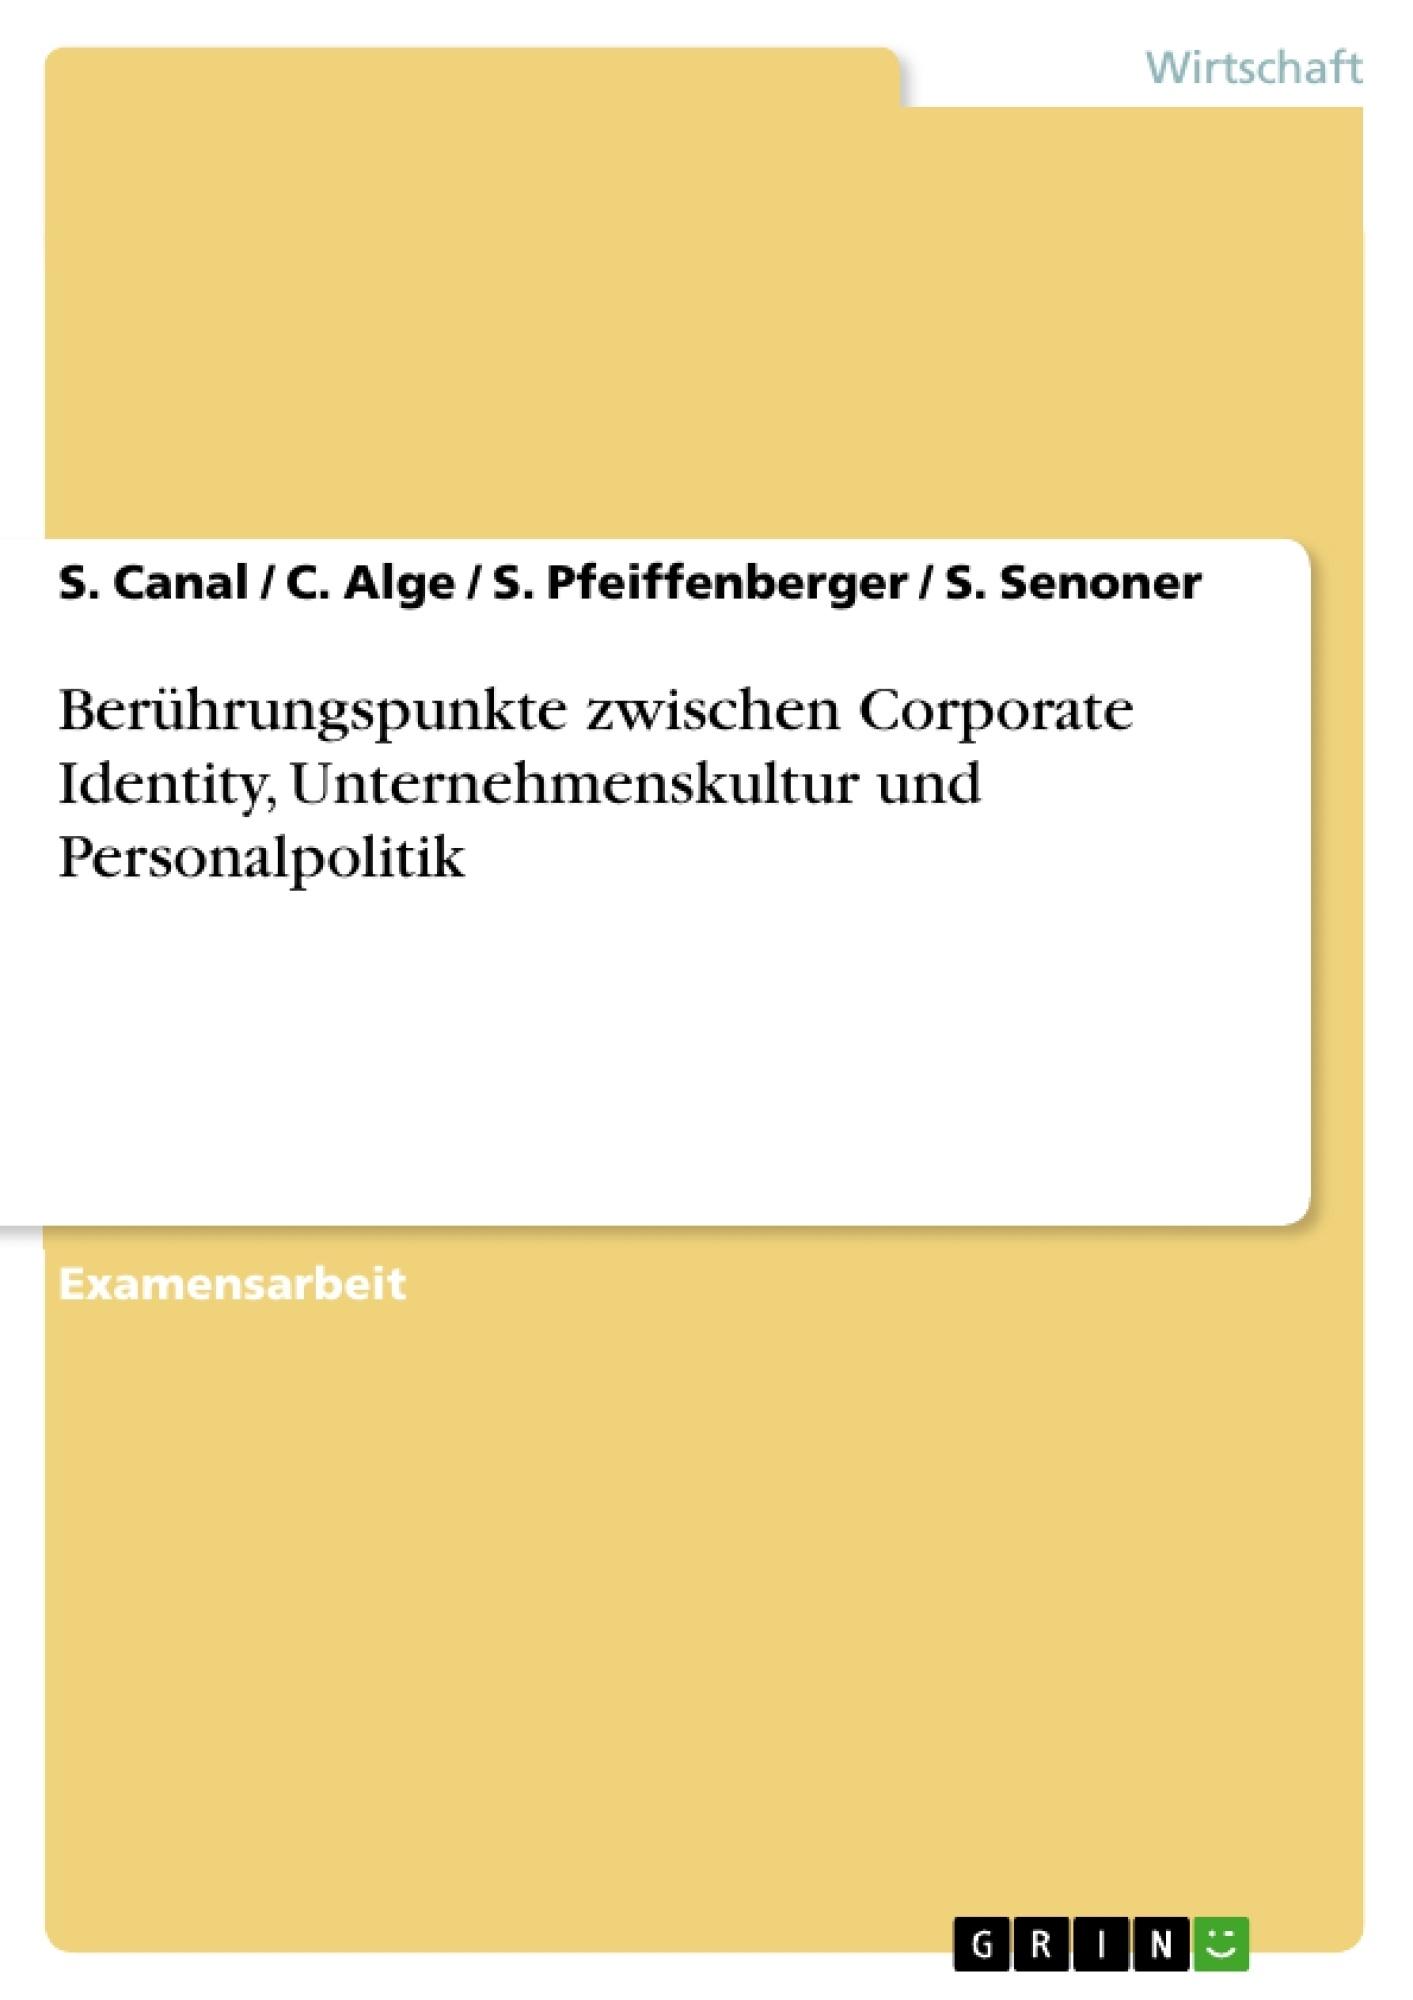 Titel: Berührungspunkte zwischen Corporate Identity, Unternehmenskultur und Personalpolitik